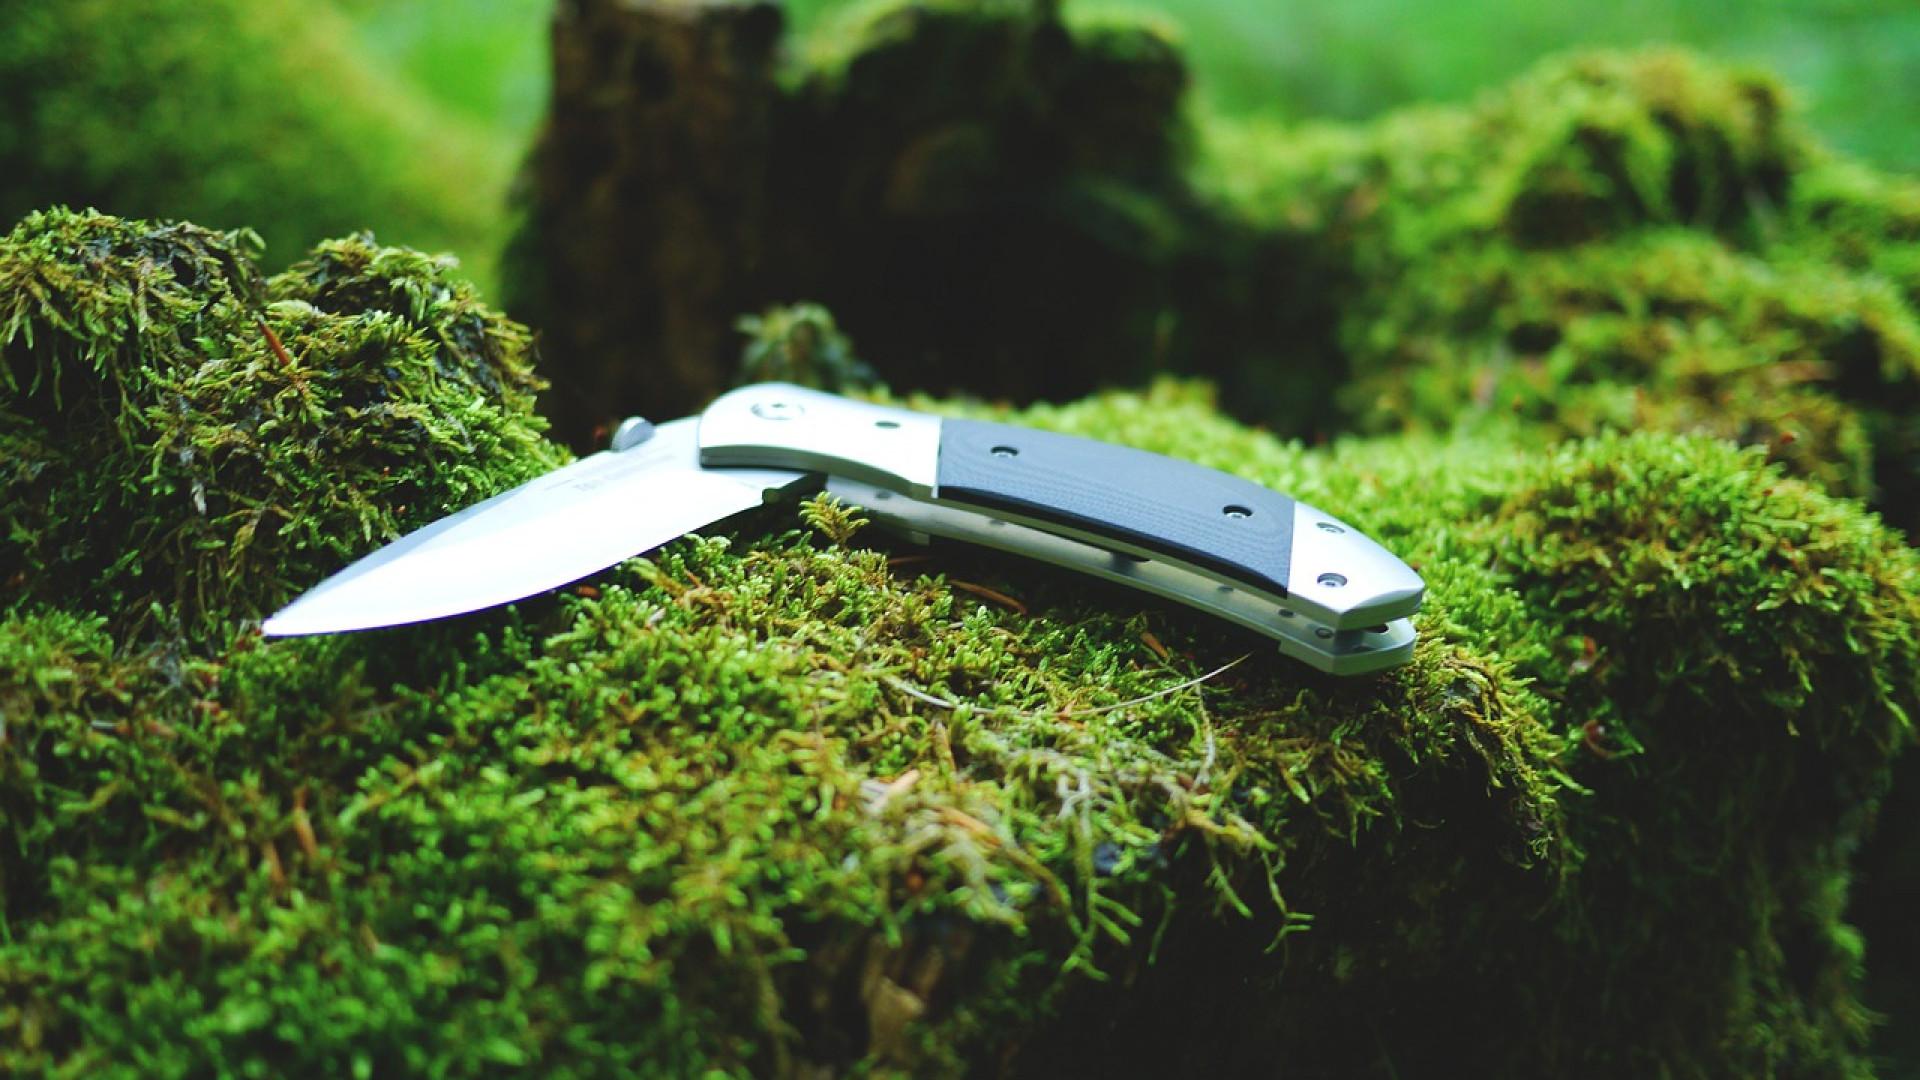 Les femmes aussi peuvent choisir des couteaux d'exception